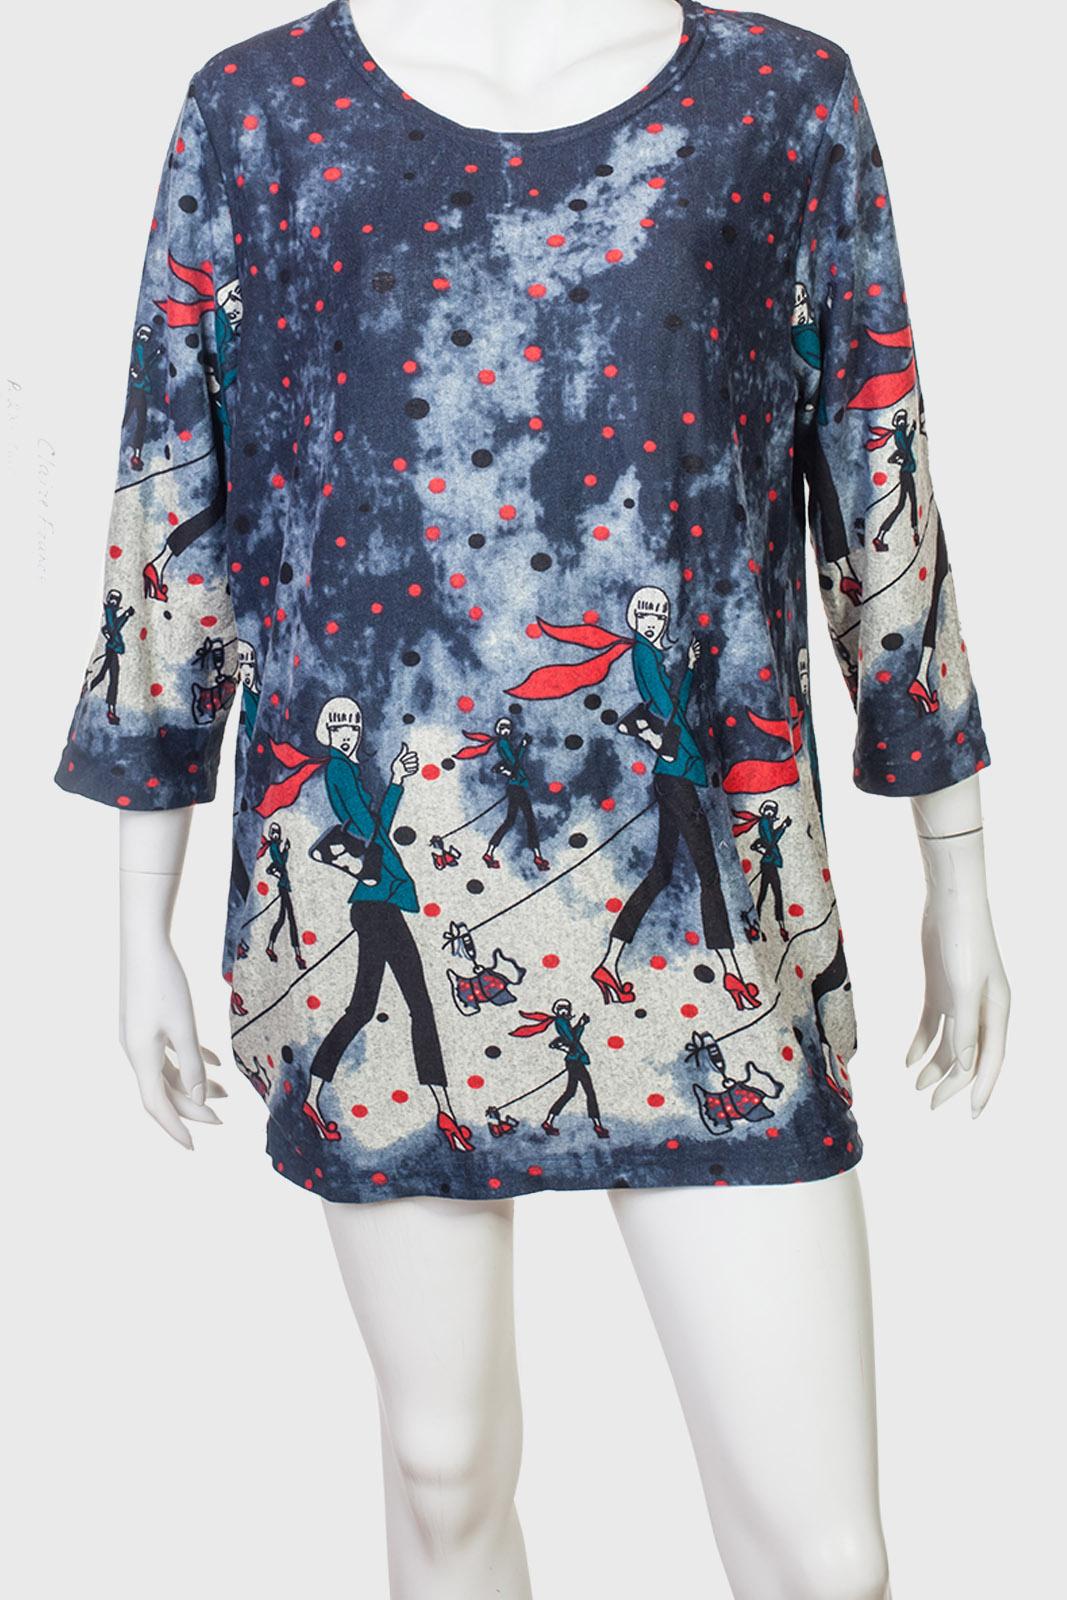 Оригинальное теплое платье-туника от AMIE с яркими мотивами